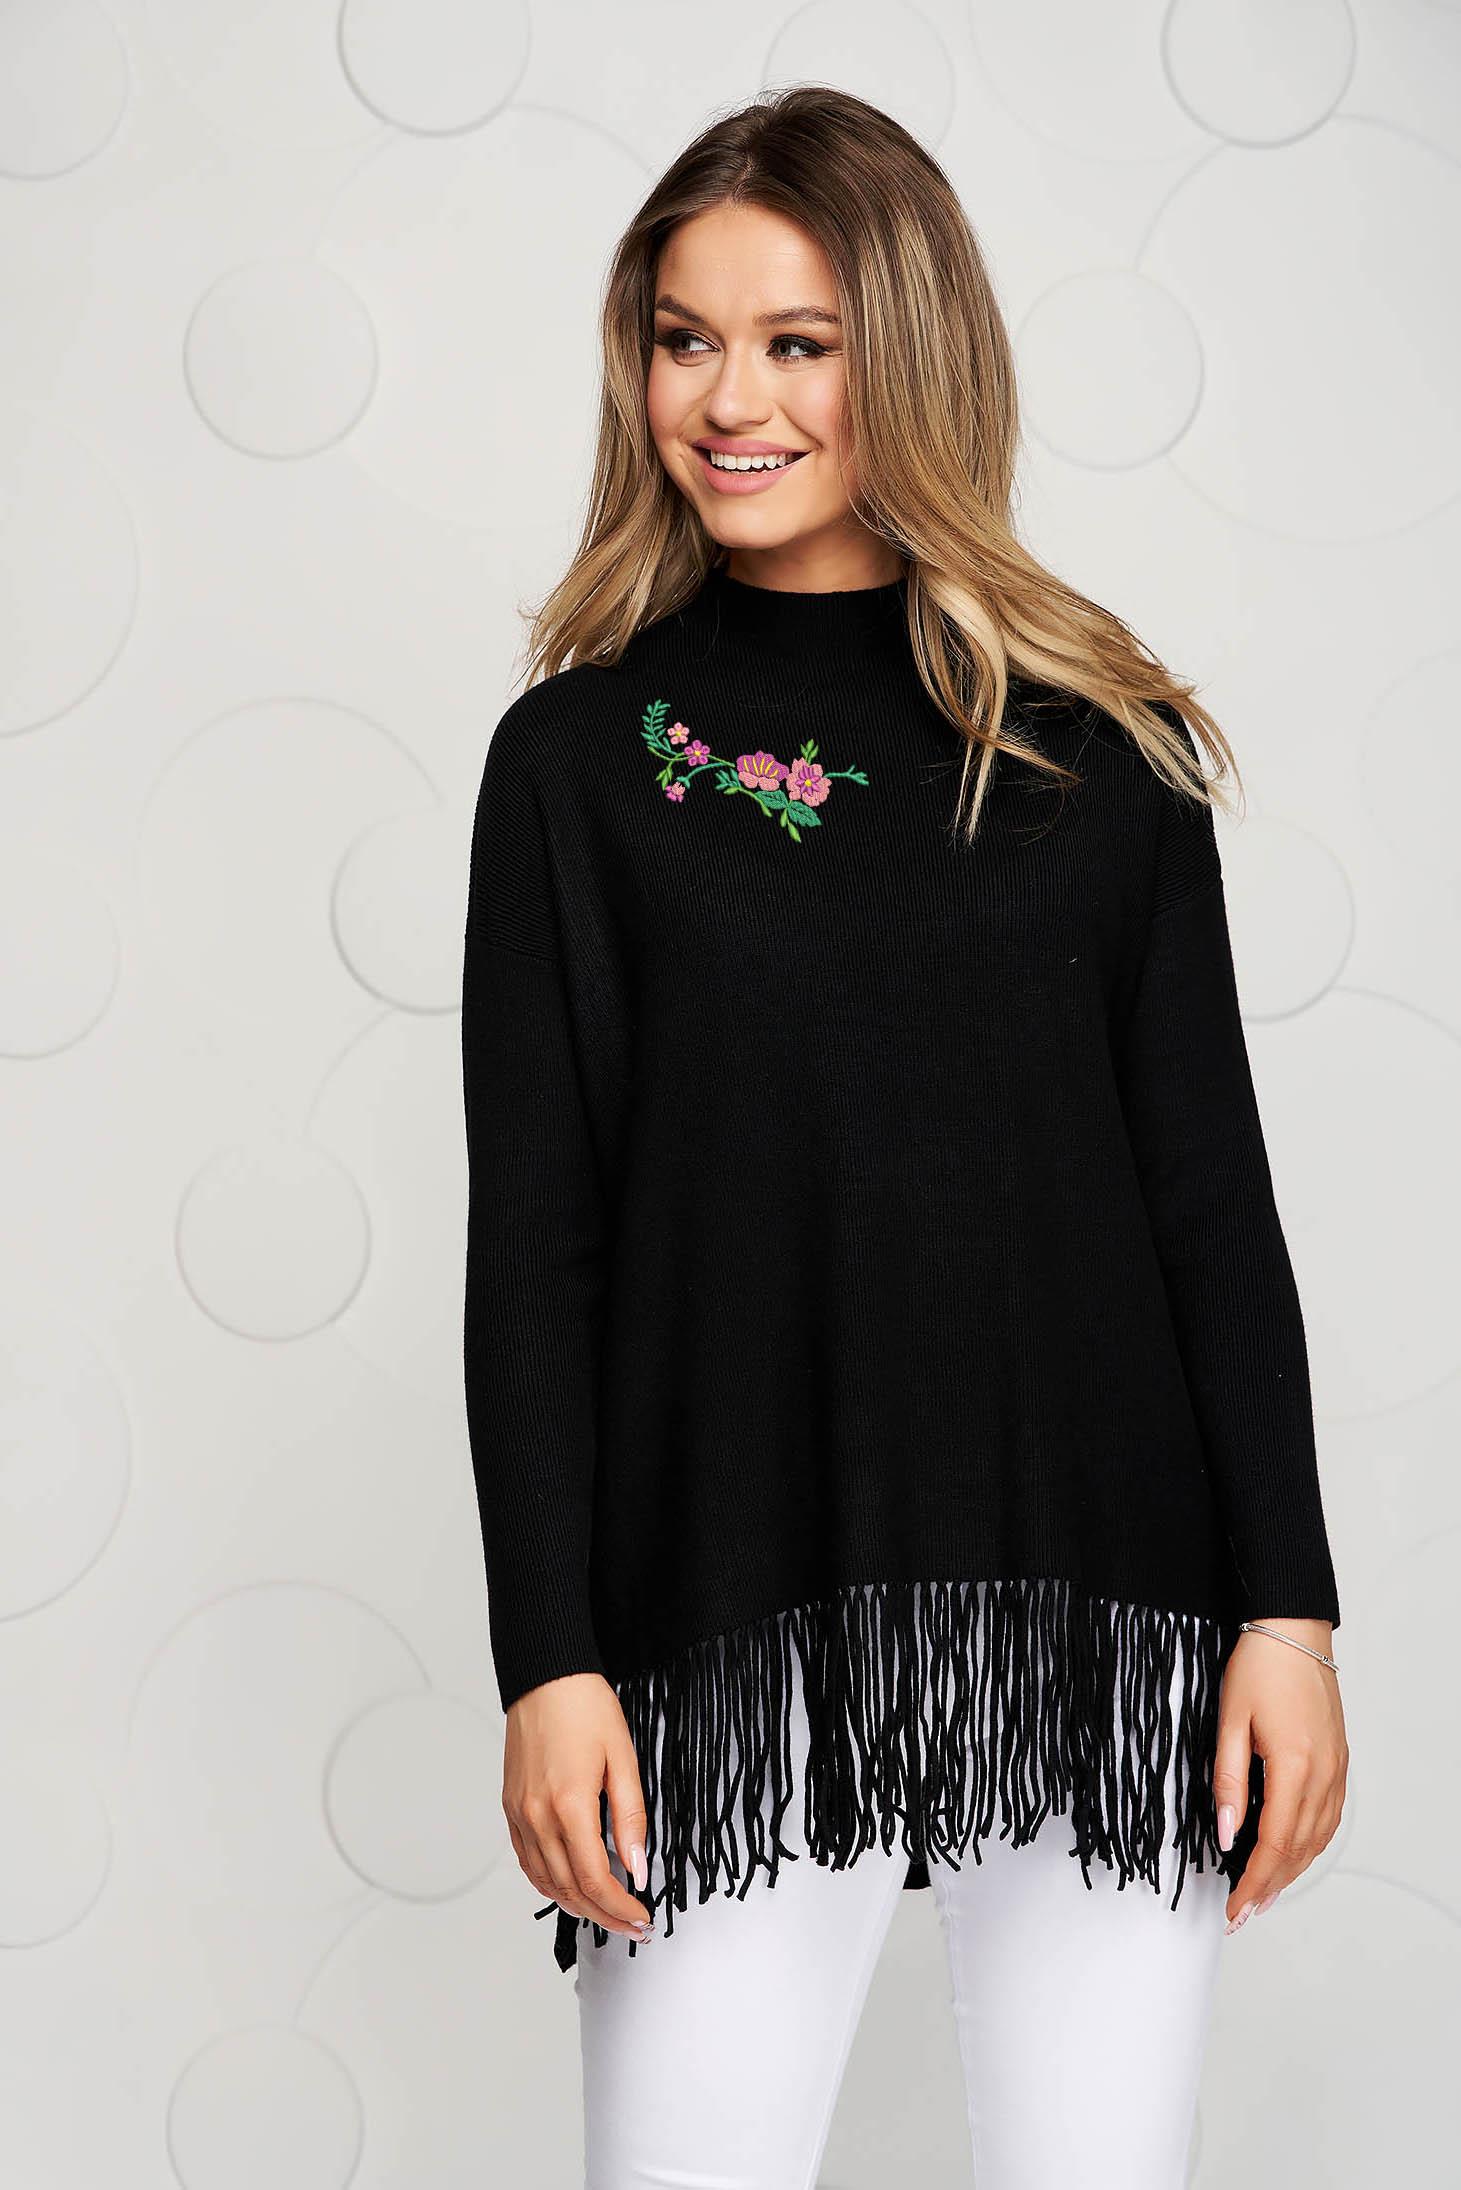 Bluza dama SunShine neagra din tricot moale reiat casual cu broderie florala si franjuri in partea de jos